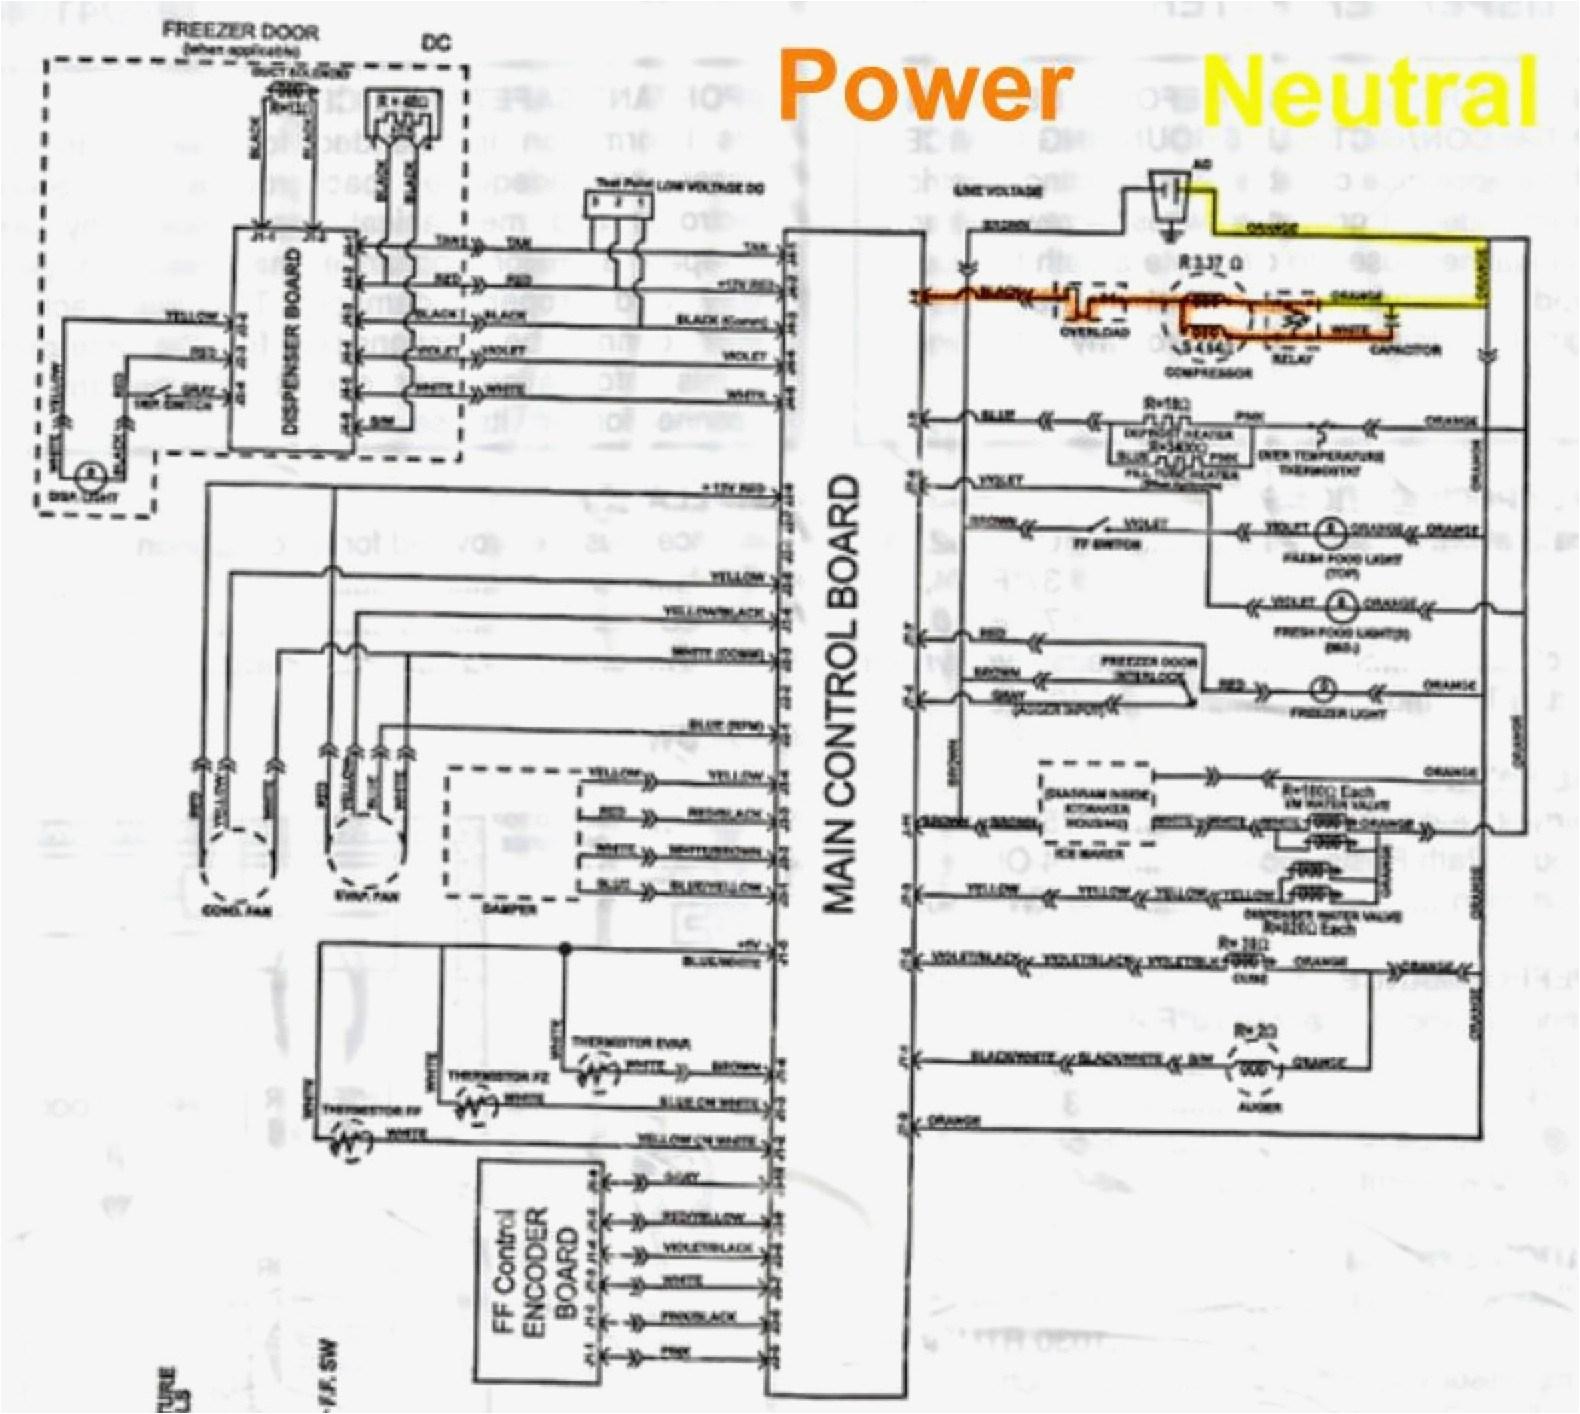 basic walk in cooler wiring diagram wiring diagram name walk in cooler wiring schematic walk in cooler wiring